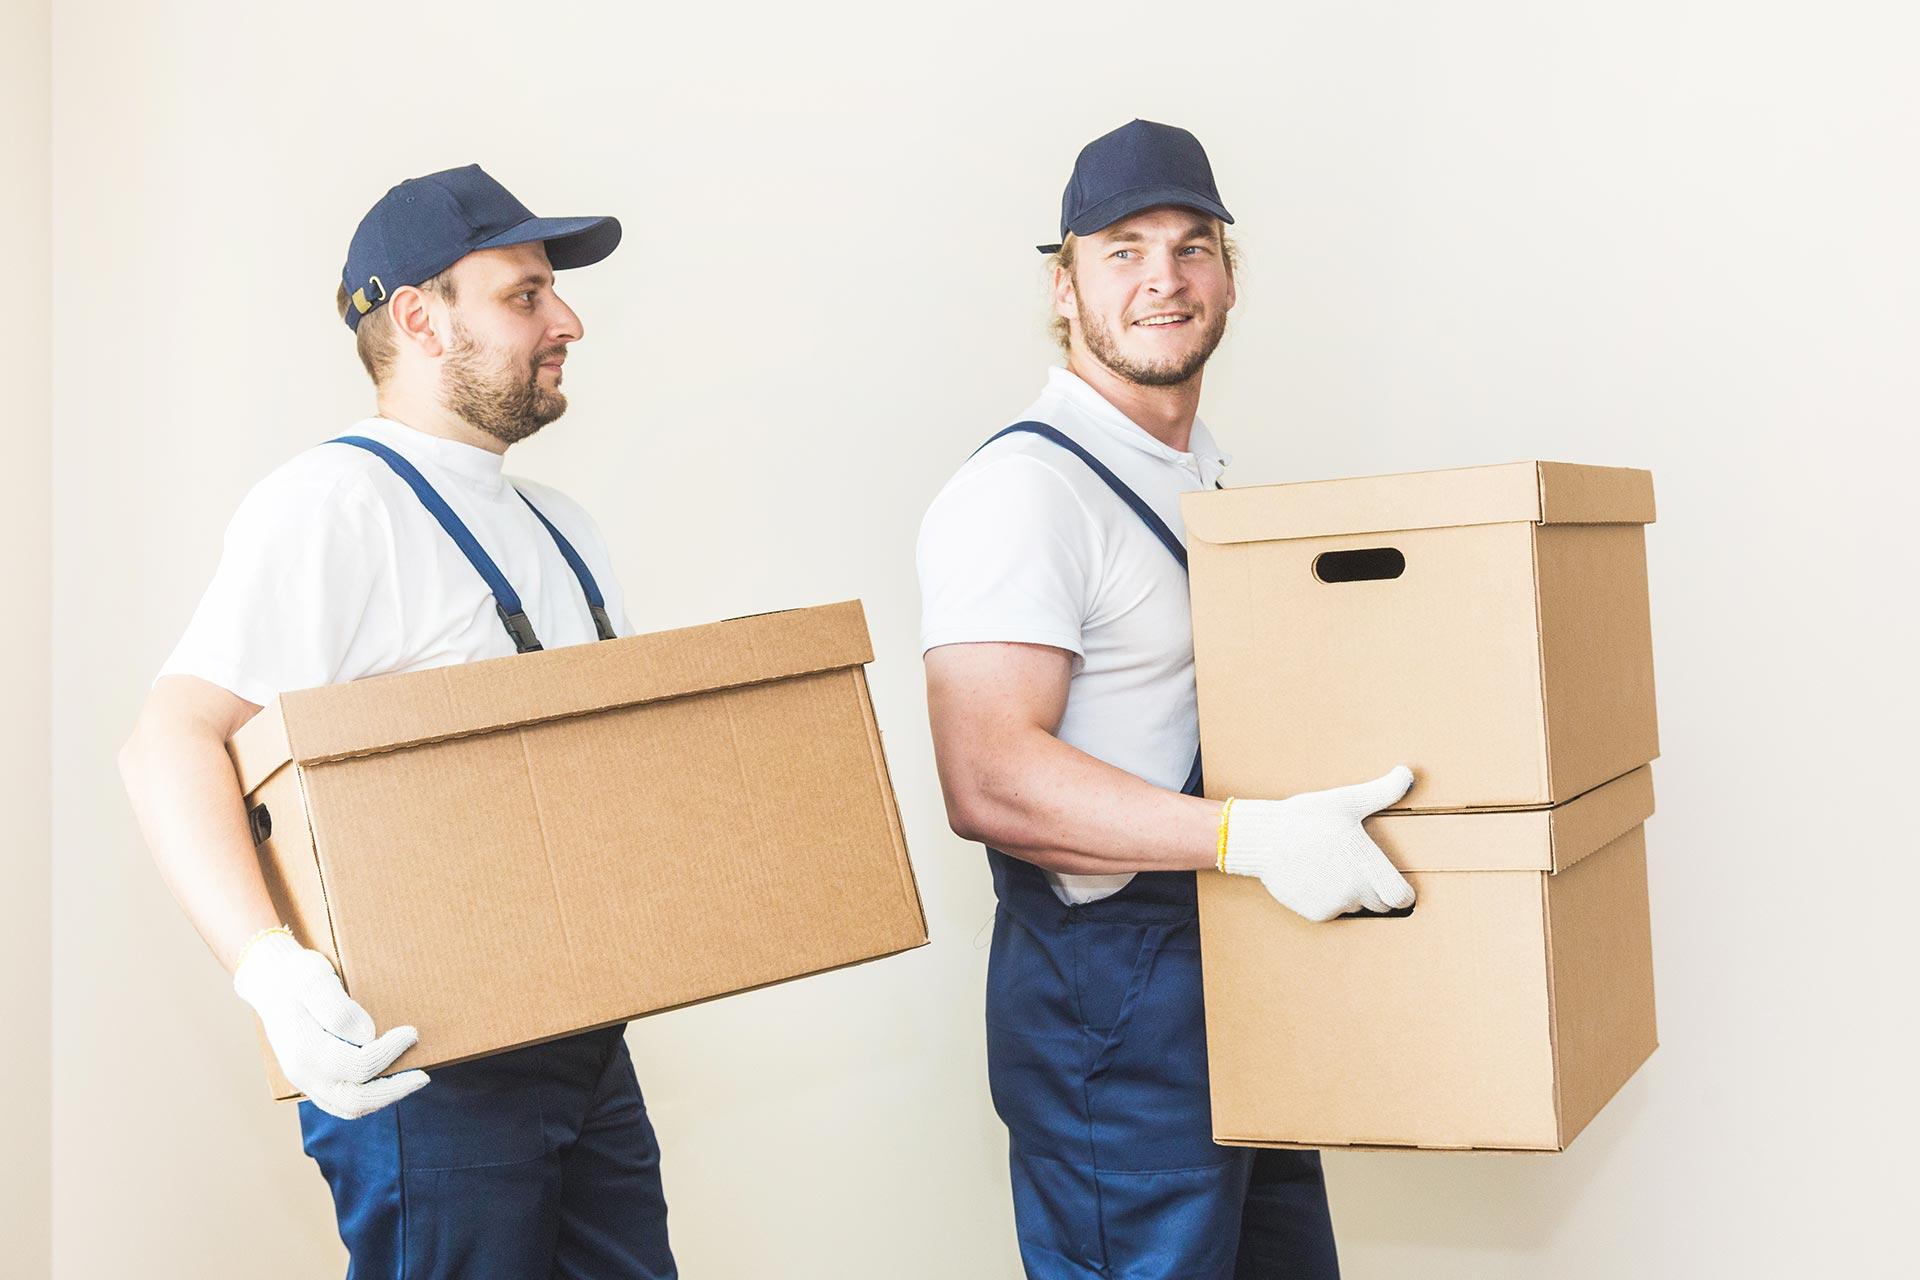 opérations de manutention, de déménagement (machines, mobiliers, cartons, installations diverses) et de déplacement ou transfert de cloisons modulables, machines, meubles, charges lourdes